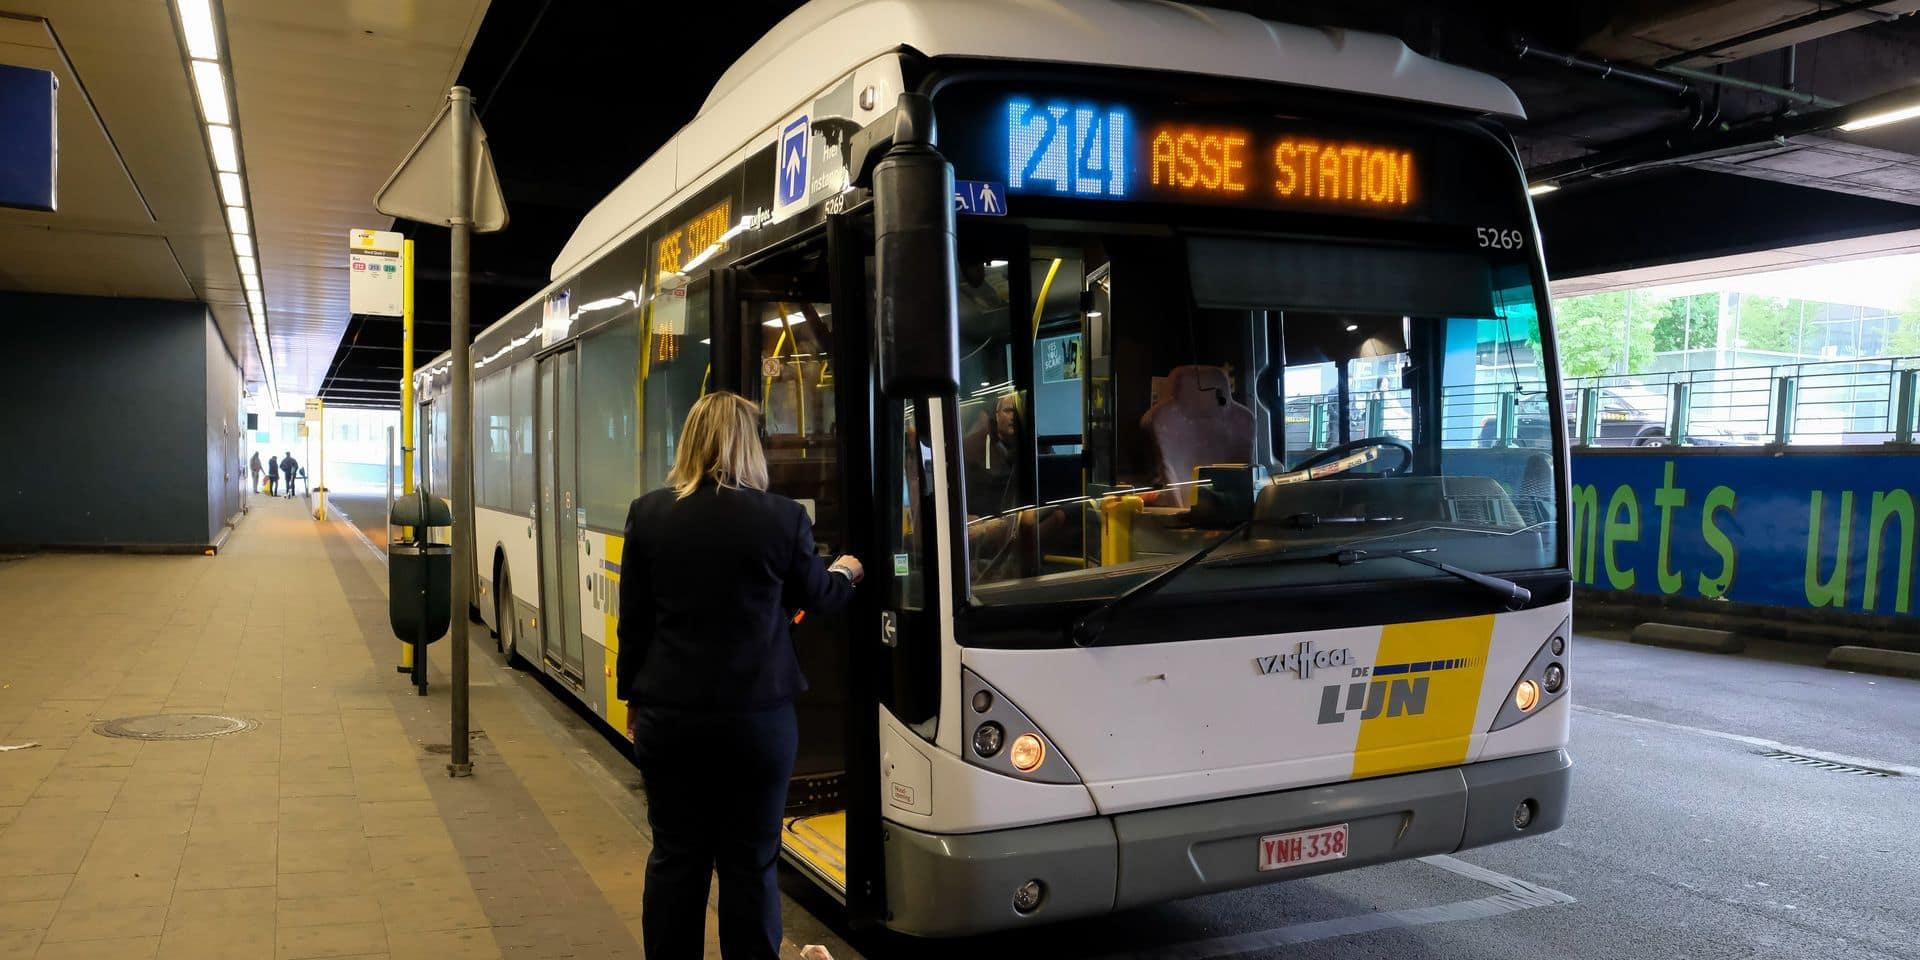 Le bourgmestre de Schaerbeek Bernard Clerfayt pourrait verbaliser les bus De Lijn après le refus de revenir à la gare du Nord